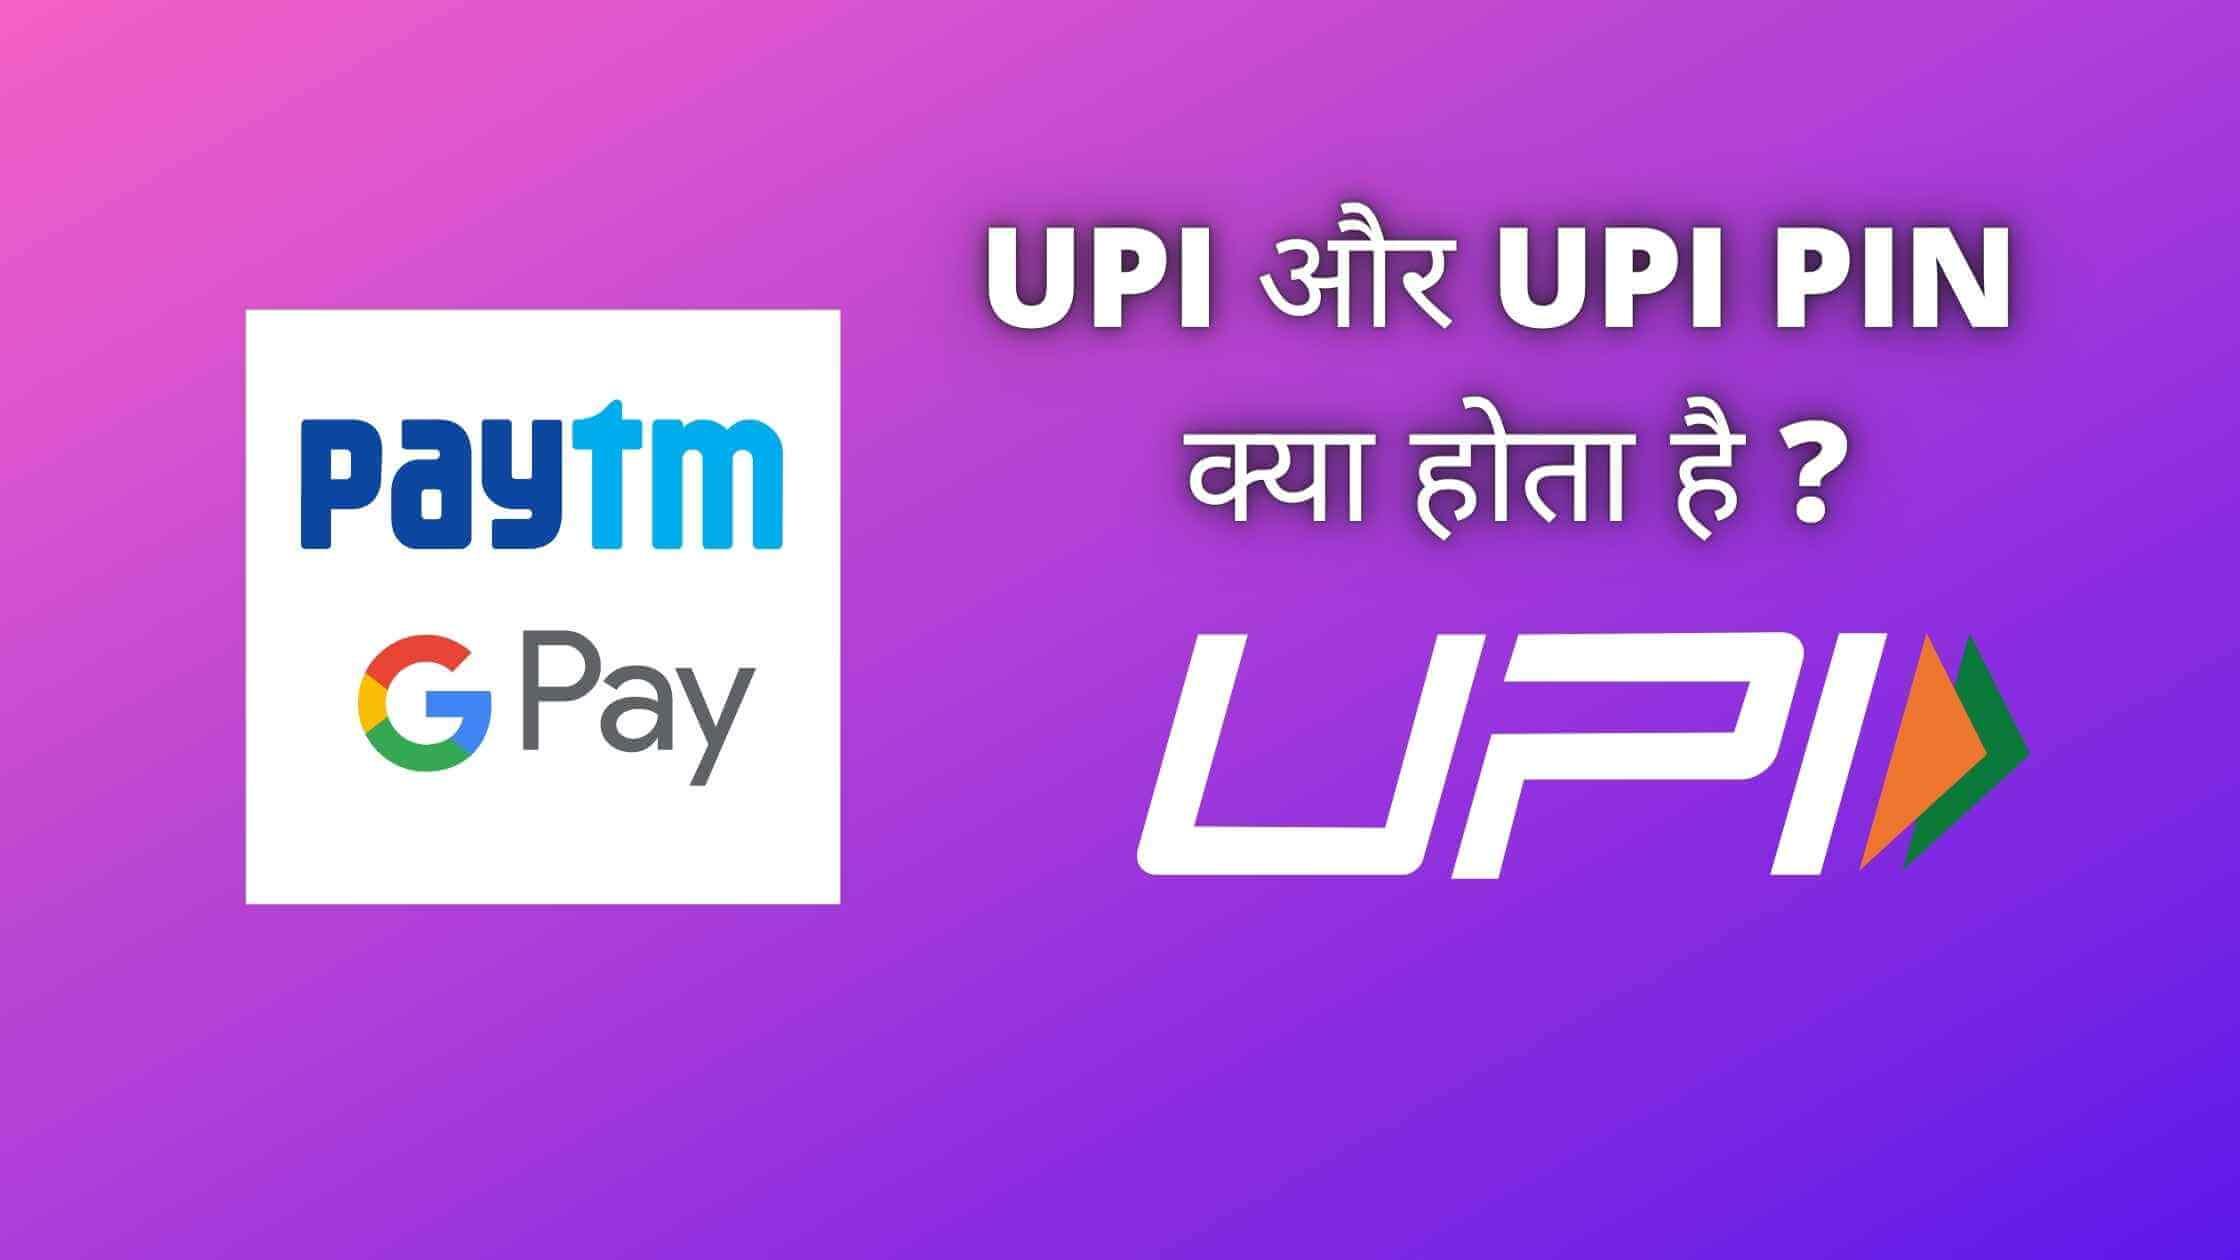 UPI pin kya Hota hai और कैसे UPI setup करना है जानिए हिंदी में